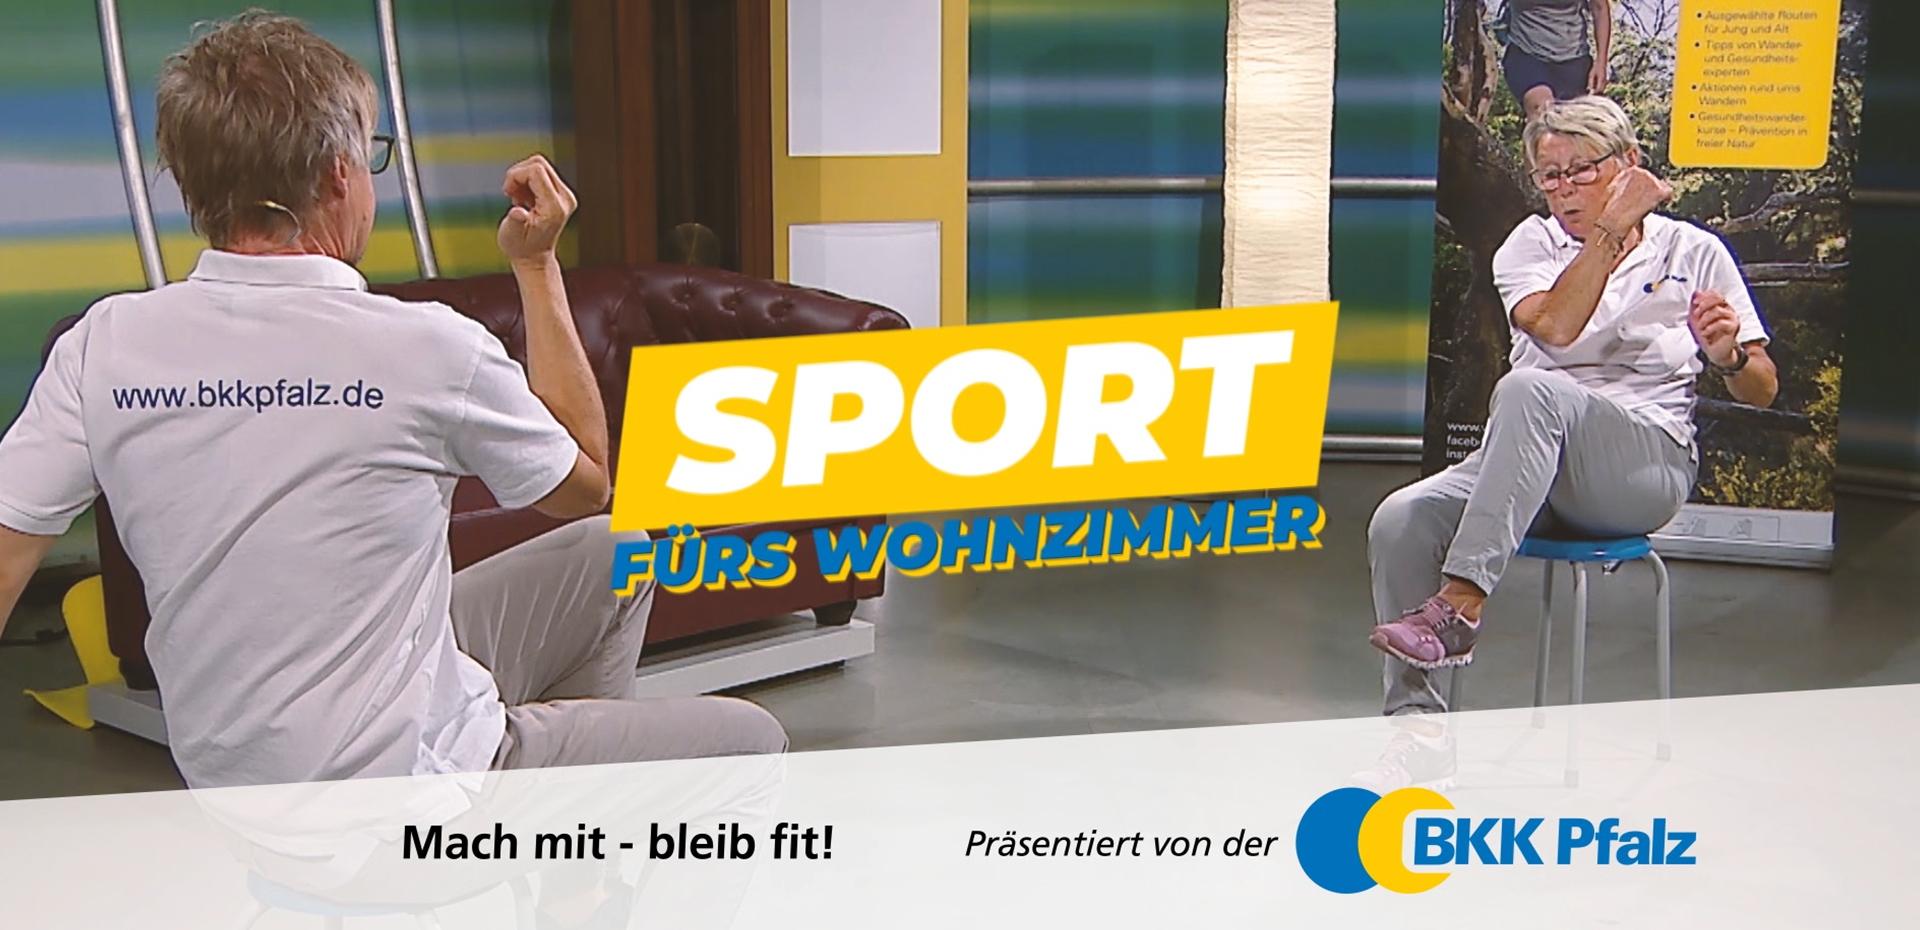 Coach und Seniorin Ulla machen Fitnessübungen